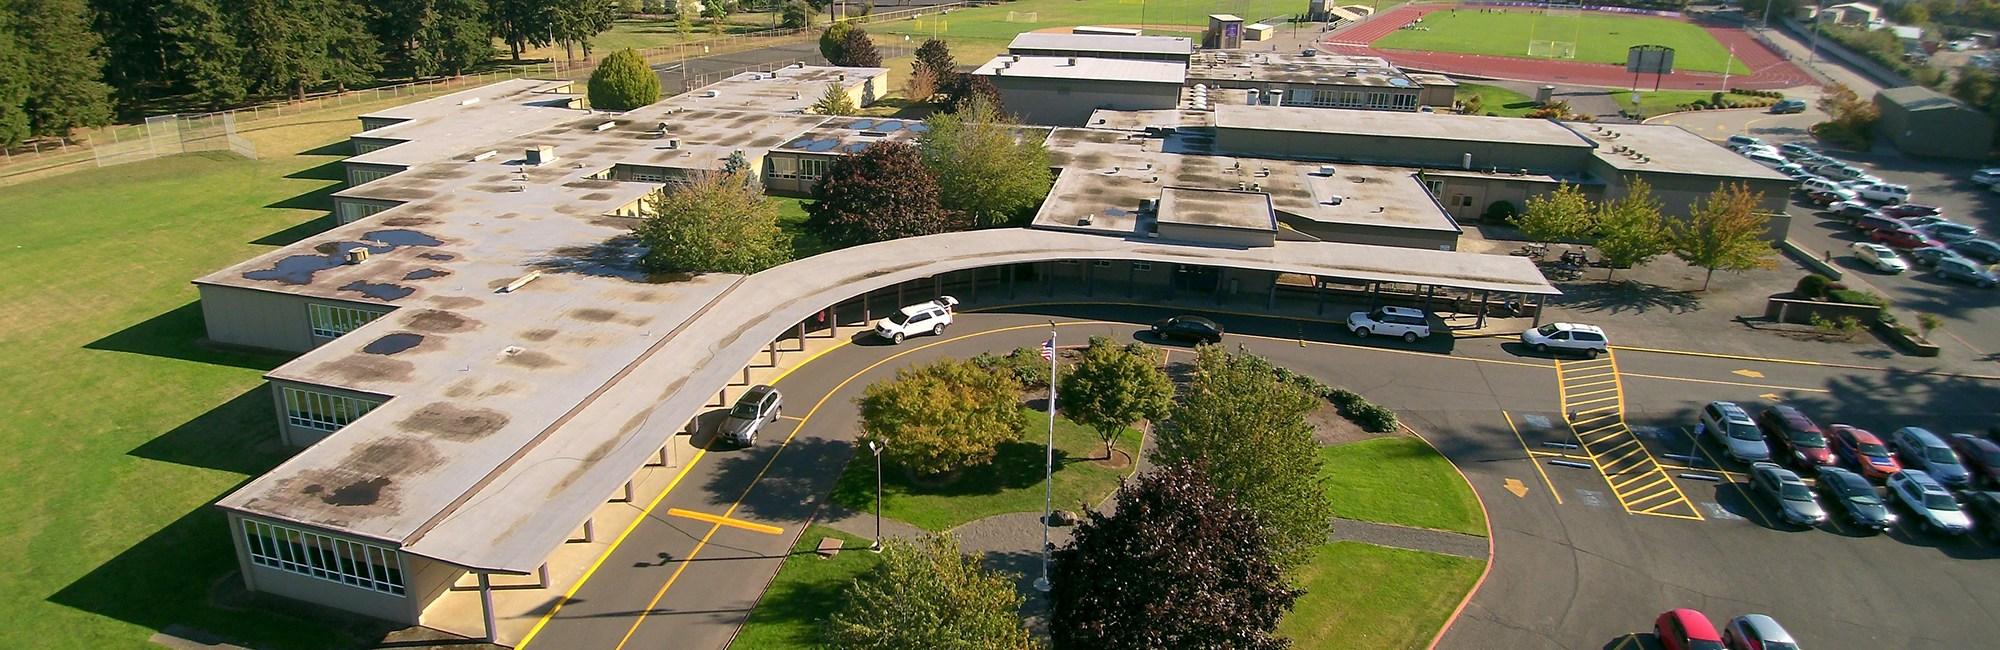 Aerial view of San Rafael campus